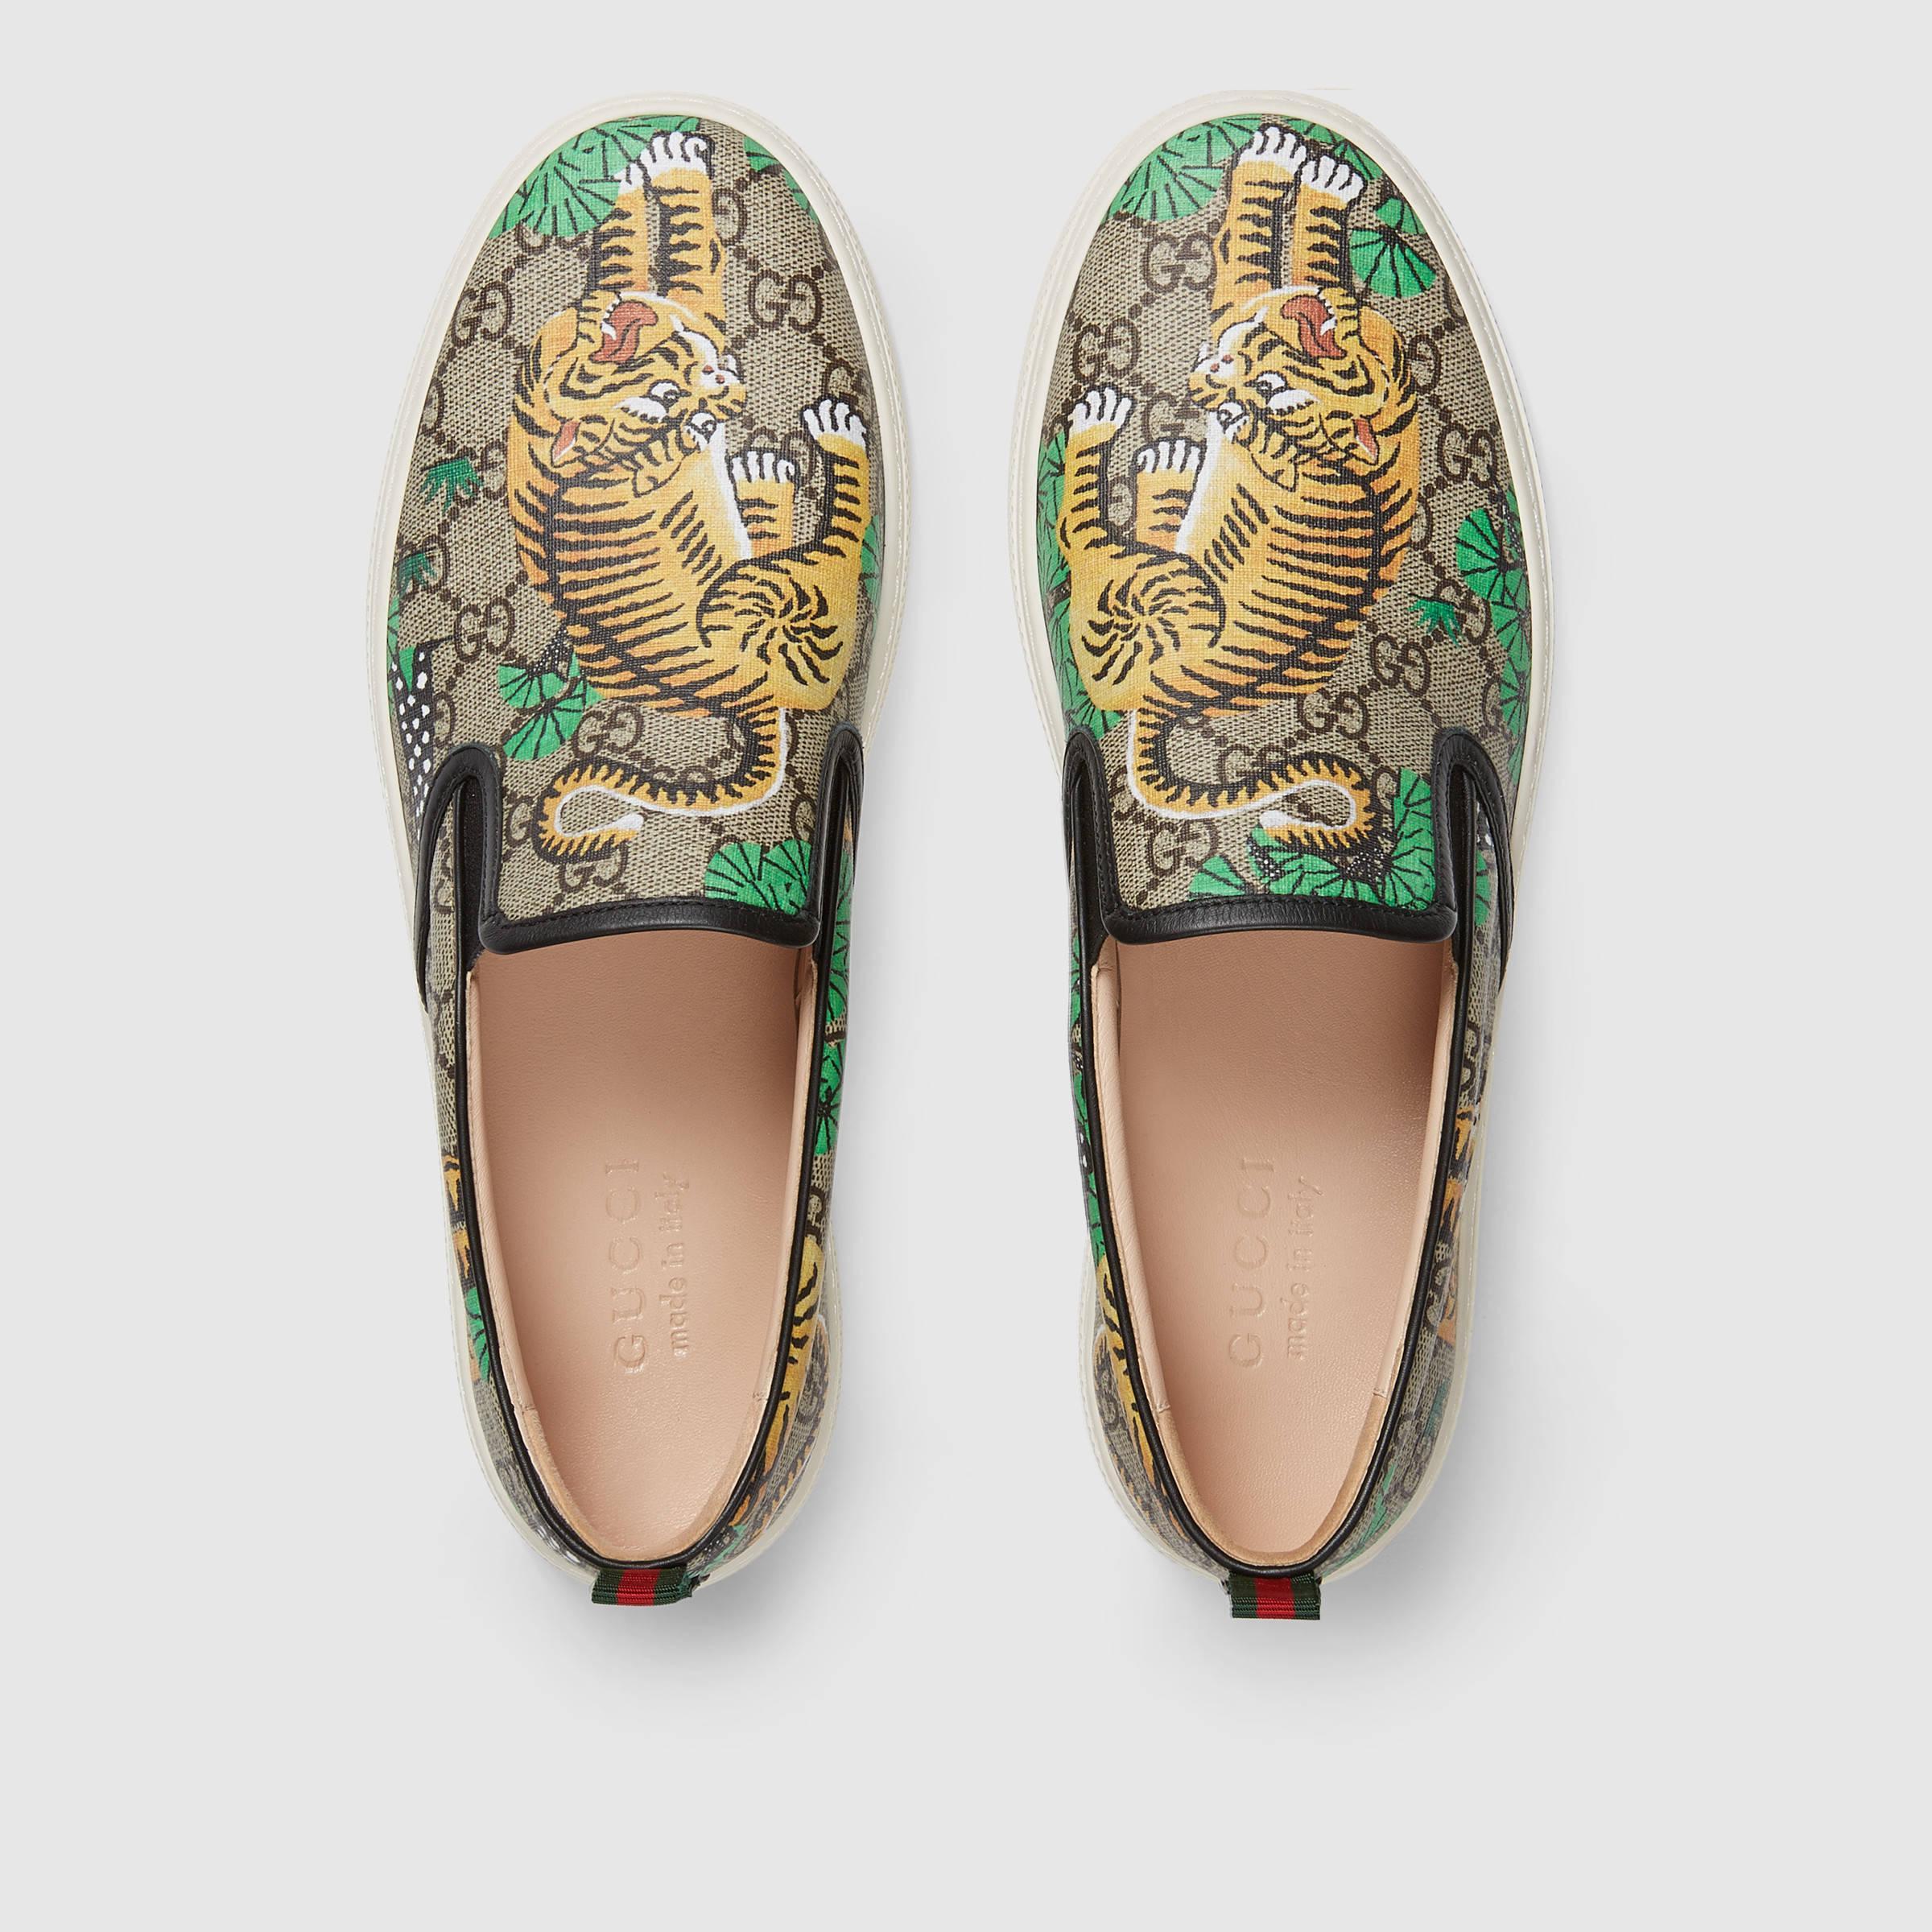 Gallery Womens Slip On Sneakers